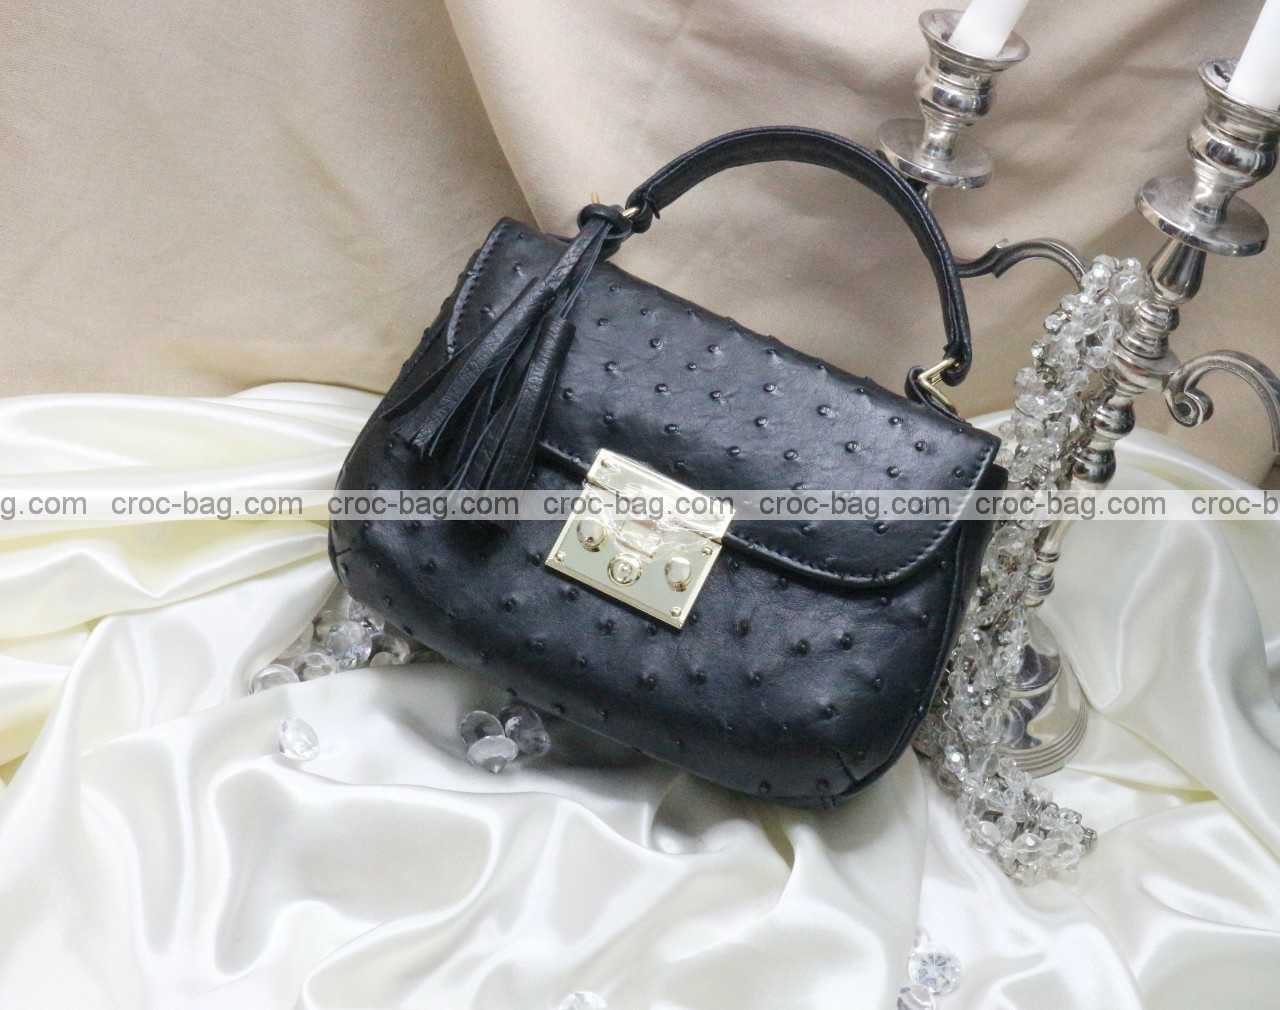 กระเป๋าหนังนกกระจอกเทศหรับผู้หญิง 5293